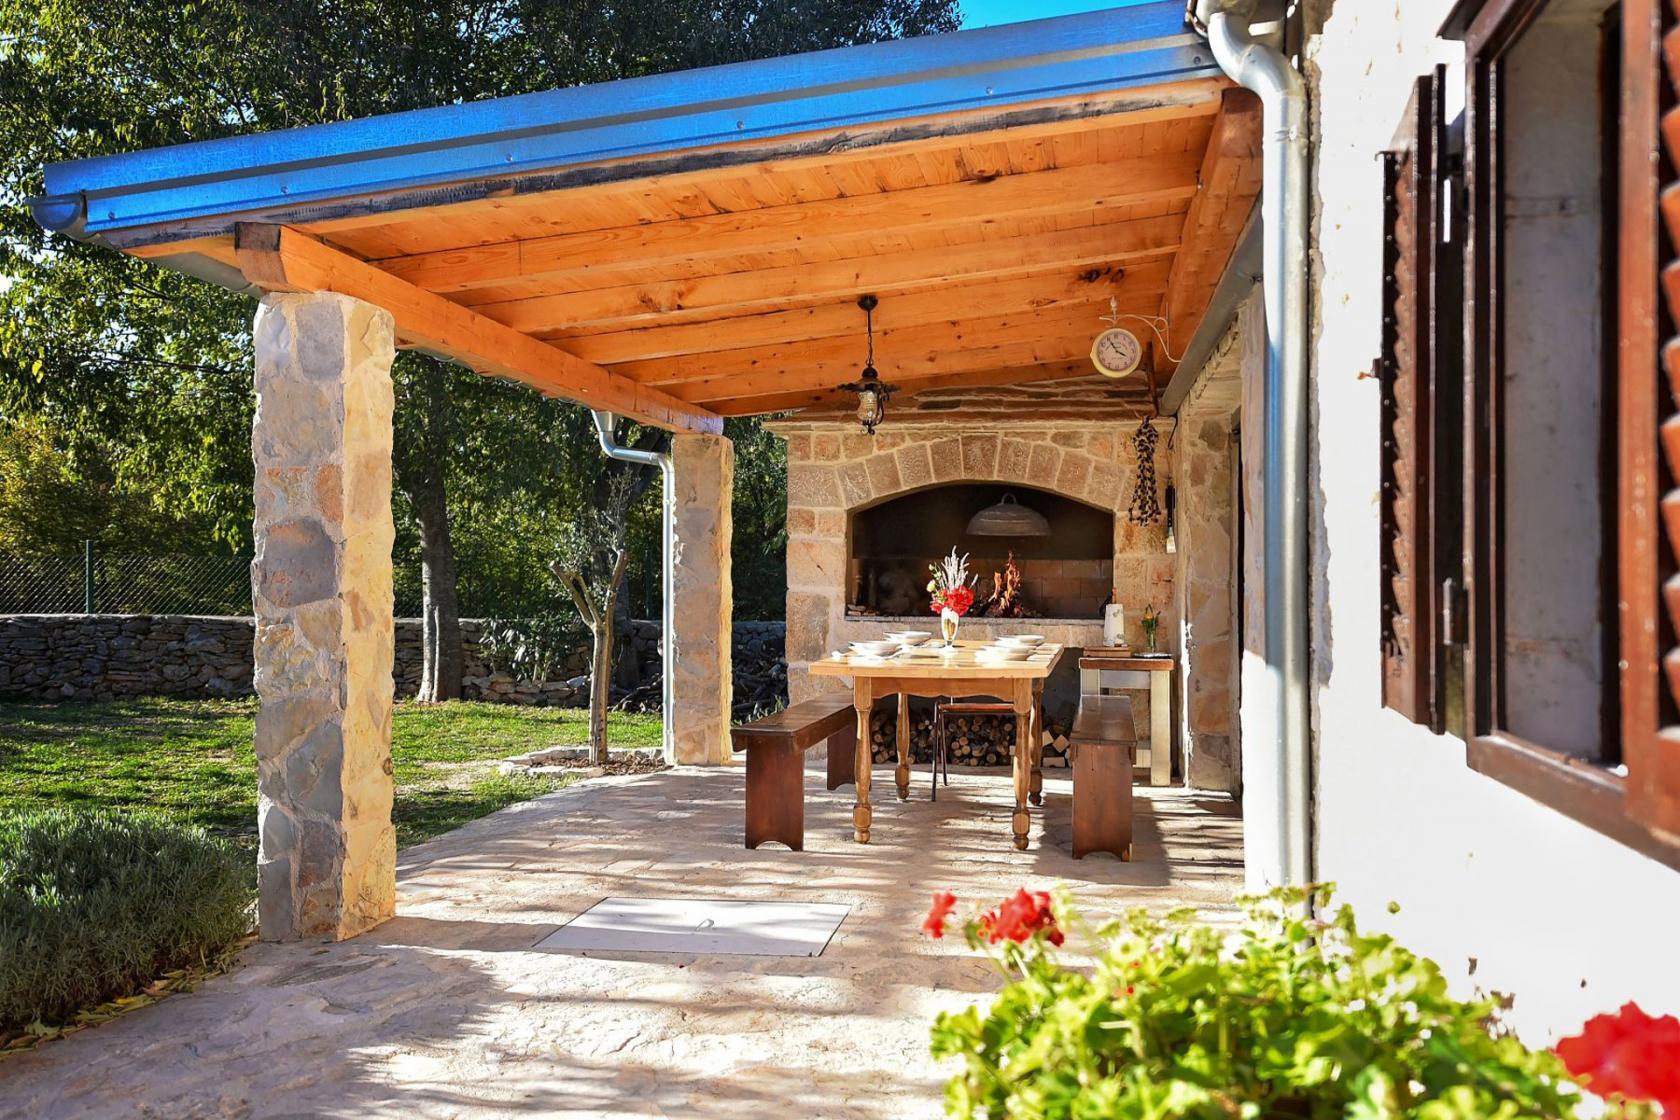 Villa Krasa in Suknovci, vacation in Dalmatian village, www.zadarvillas.com